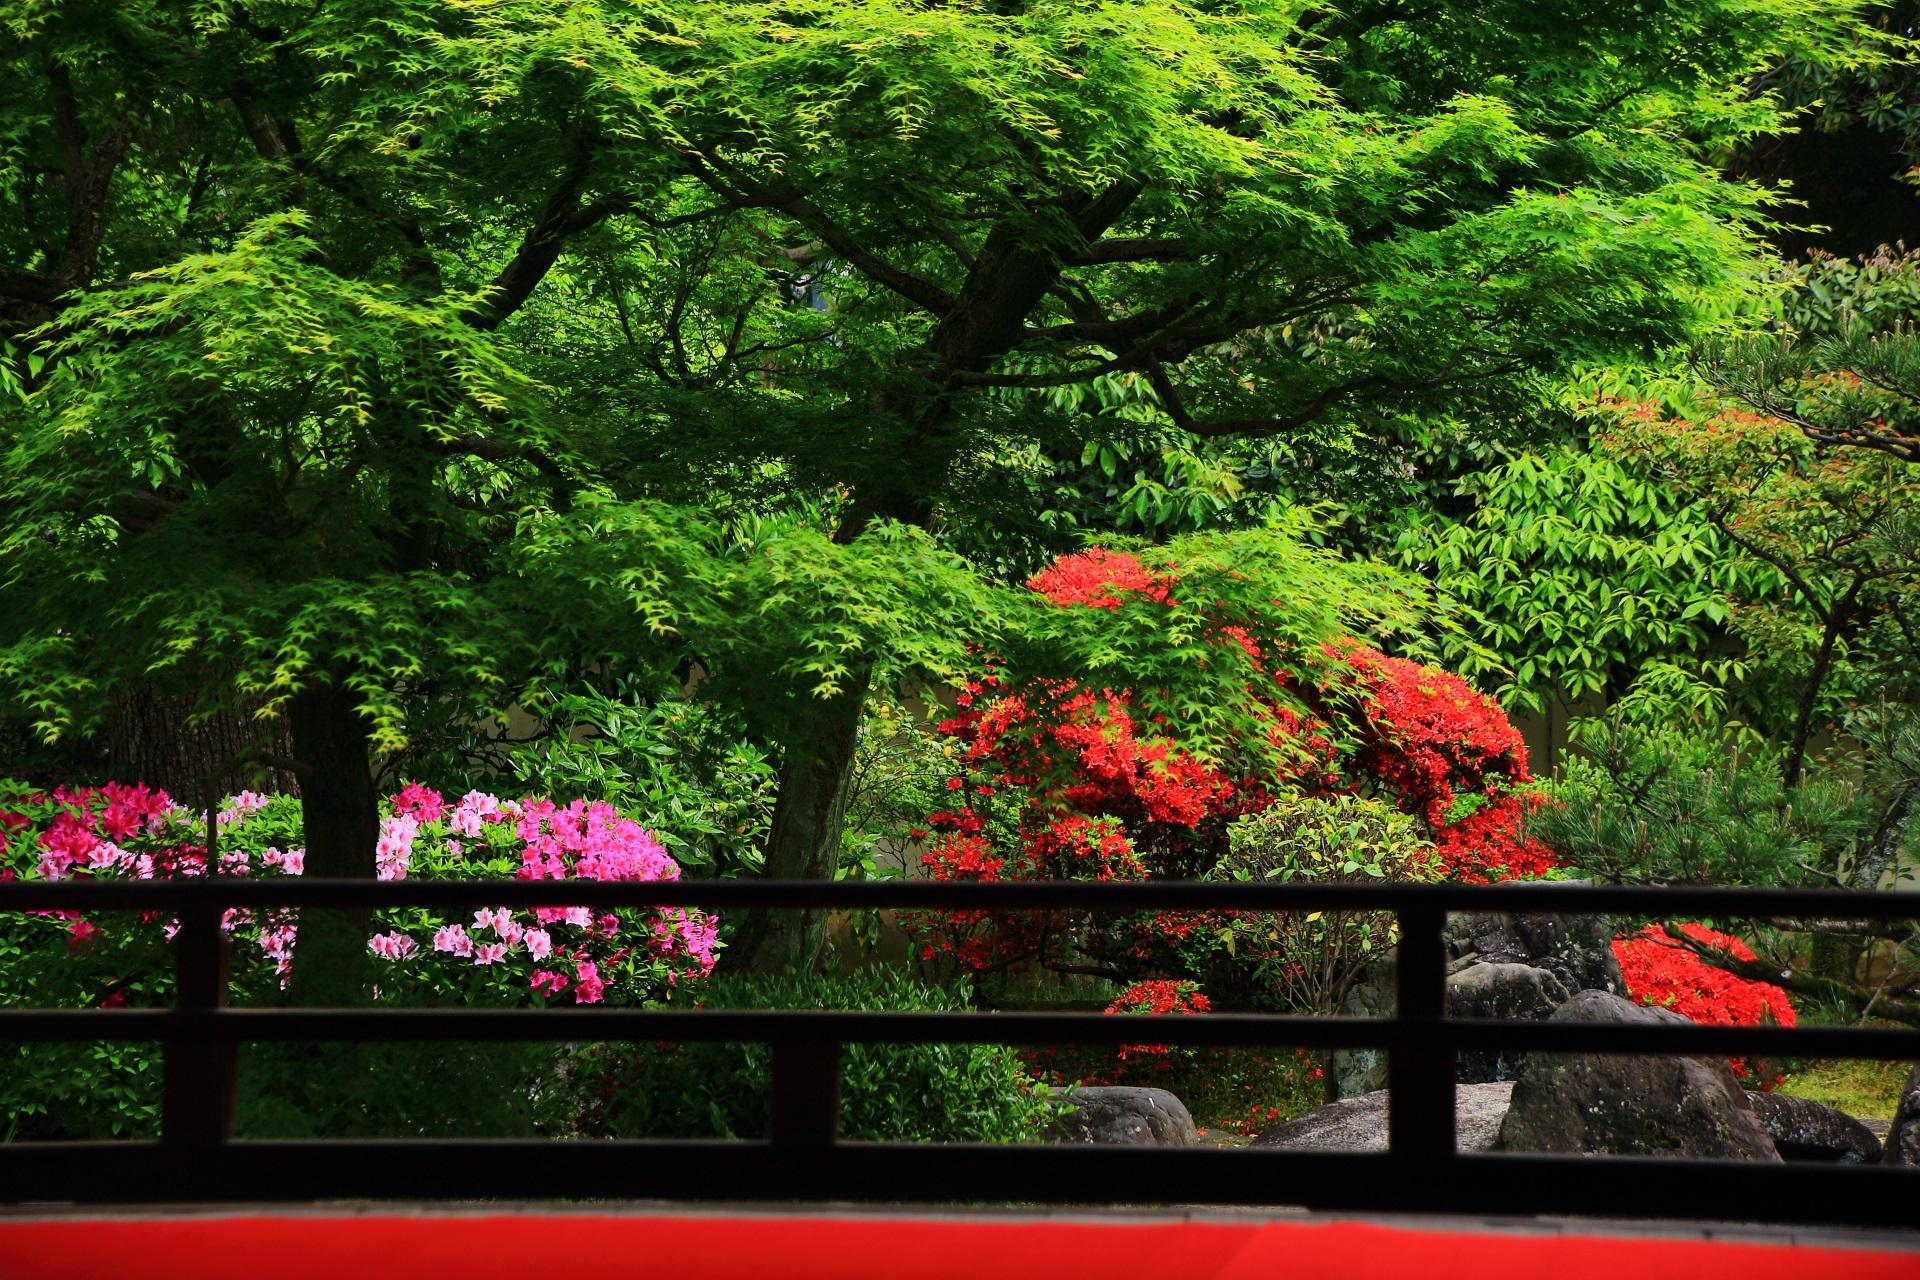 正伝永源院 つつじと新緑 赤と緑の春の彩り